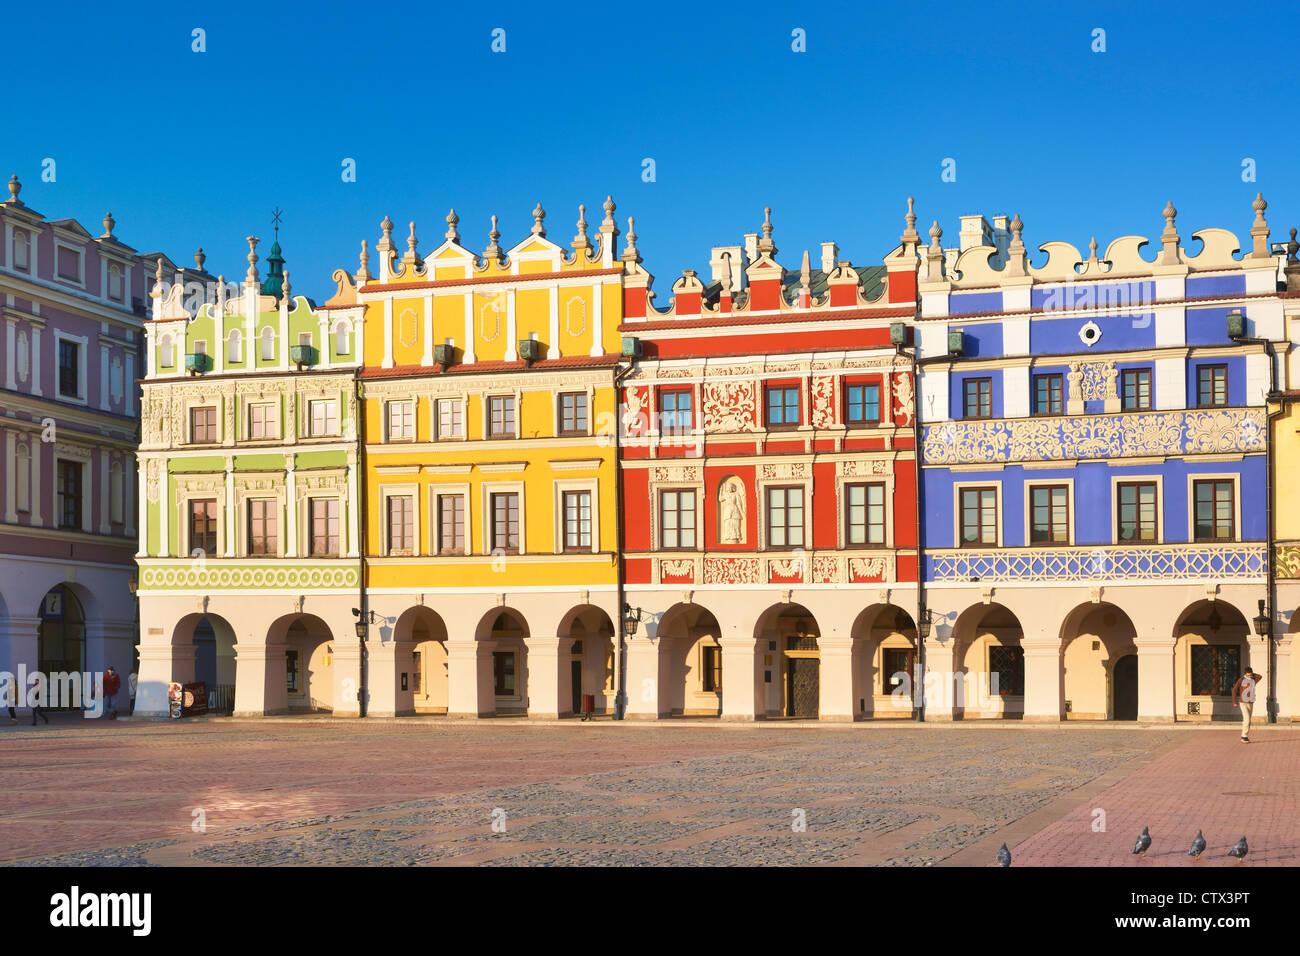 Zamosc, les maisons historiques sur le vieux marché, l'Unesco, la Pologne, l'Europe Photo Stock